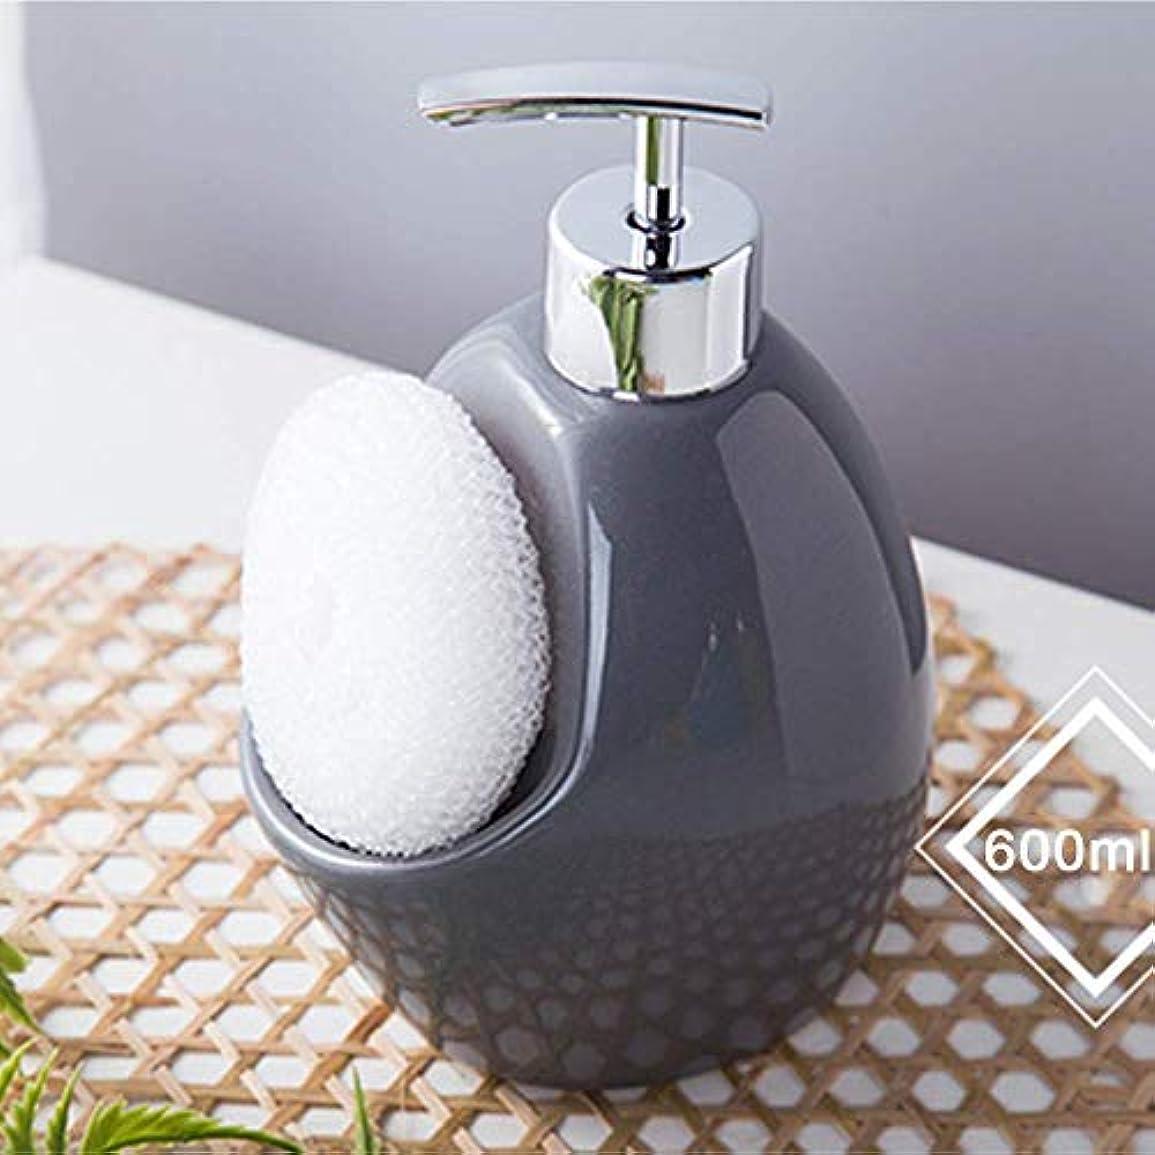 幸福ことわざ未払いソープディスペンサー液体、手動ポンプボトル、詰め替え可能-食器用洗剤/ハンドソープ/シャワージェル、セラミック-600ml(青、グレー)